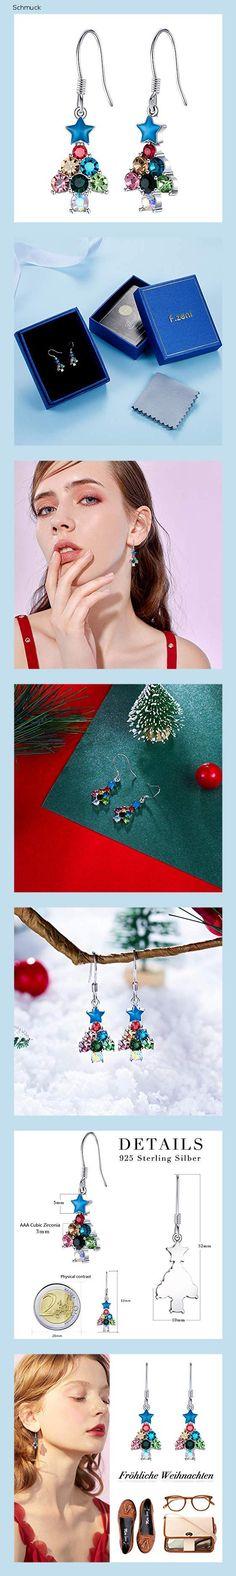 Weihnachtsbaum Haken Ohrringe,925 Sterling Silber Bunt Zirkonia Tannenbaum Hänger Ohrhänger mit Geschenkbox für Damen Mädchen - 14he